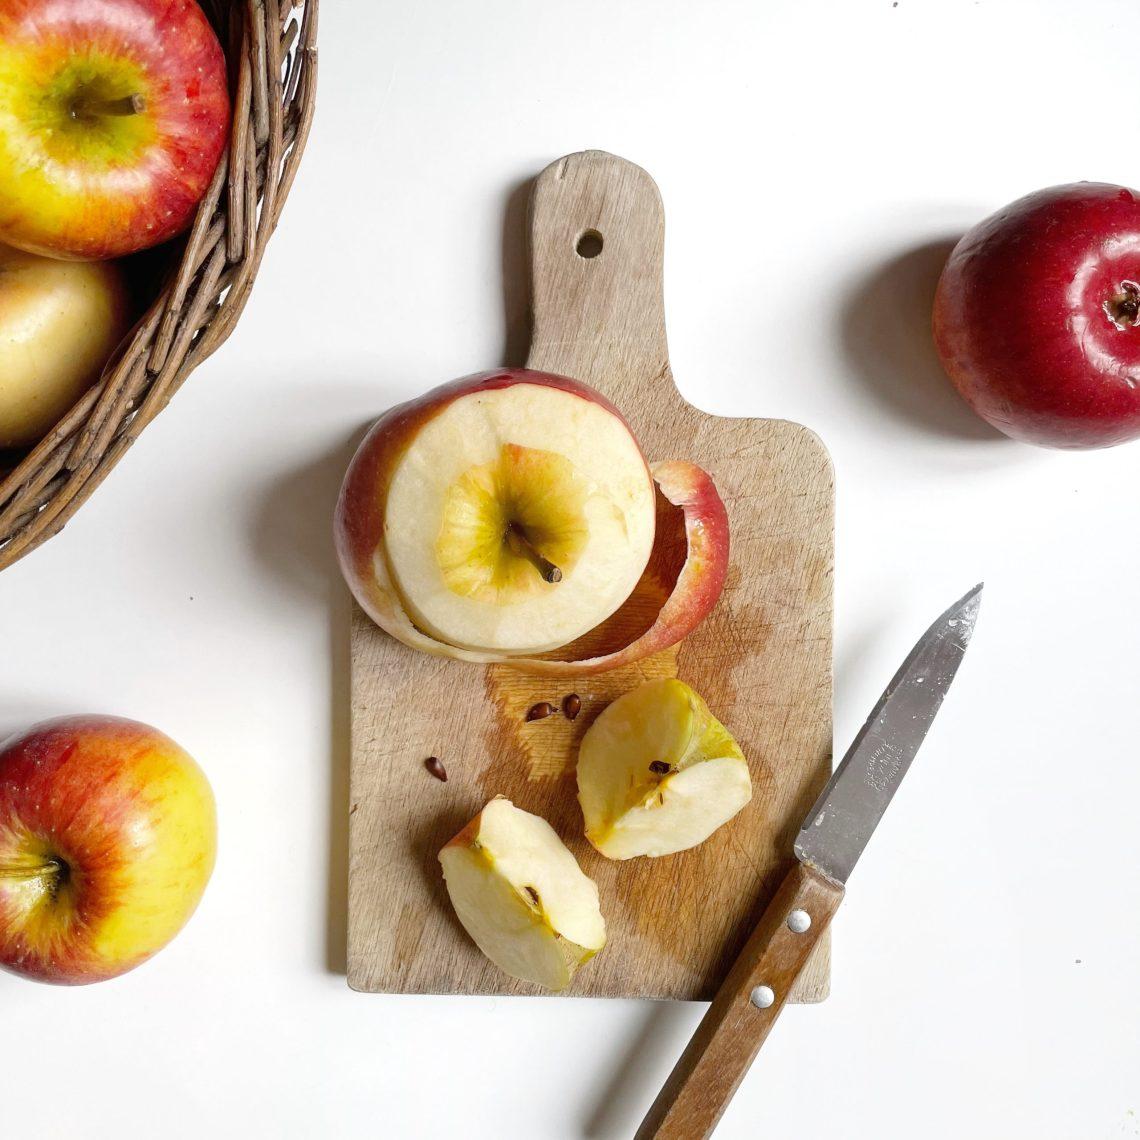 bienfaits et astuces anti-gaspi autour de la pomme